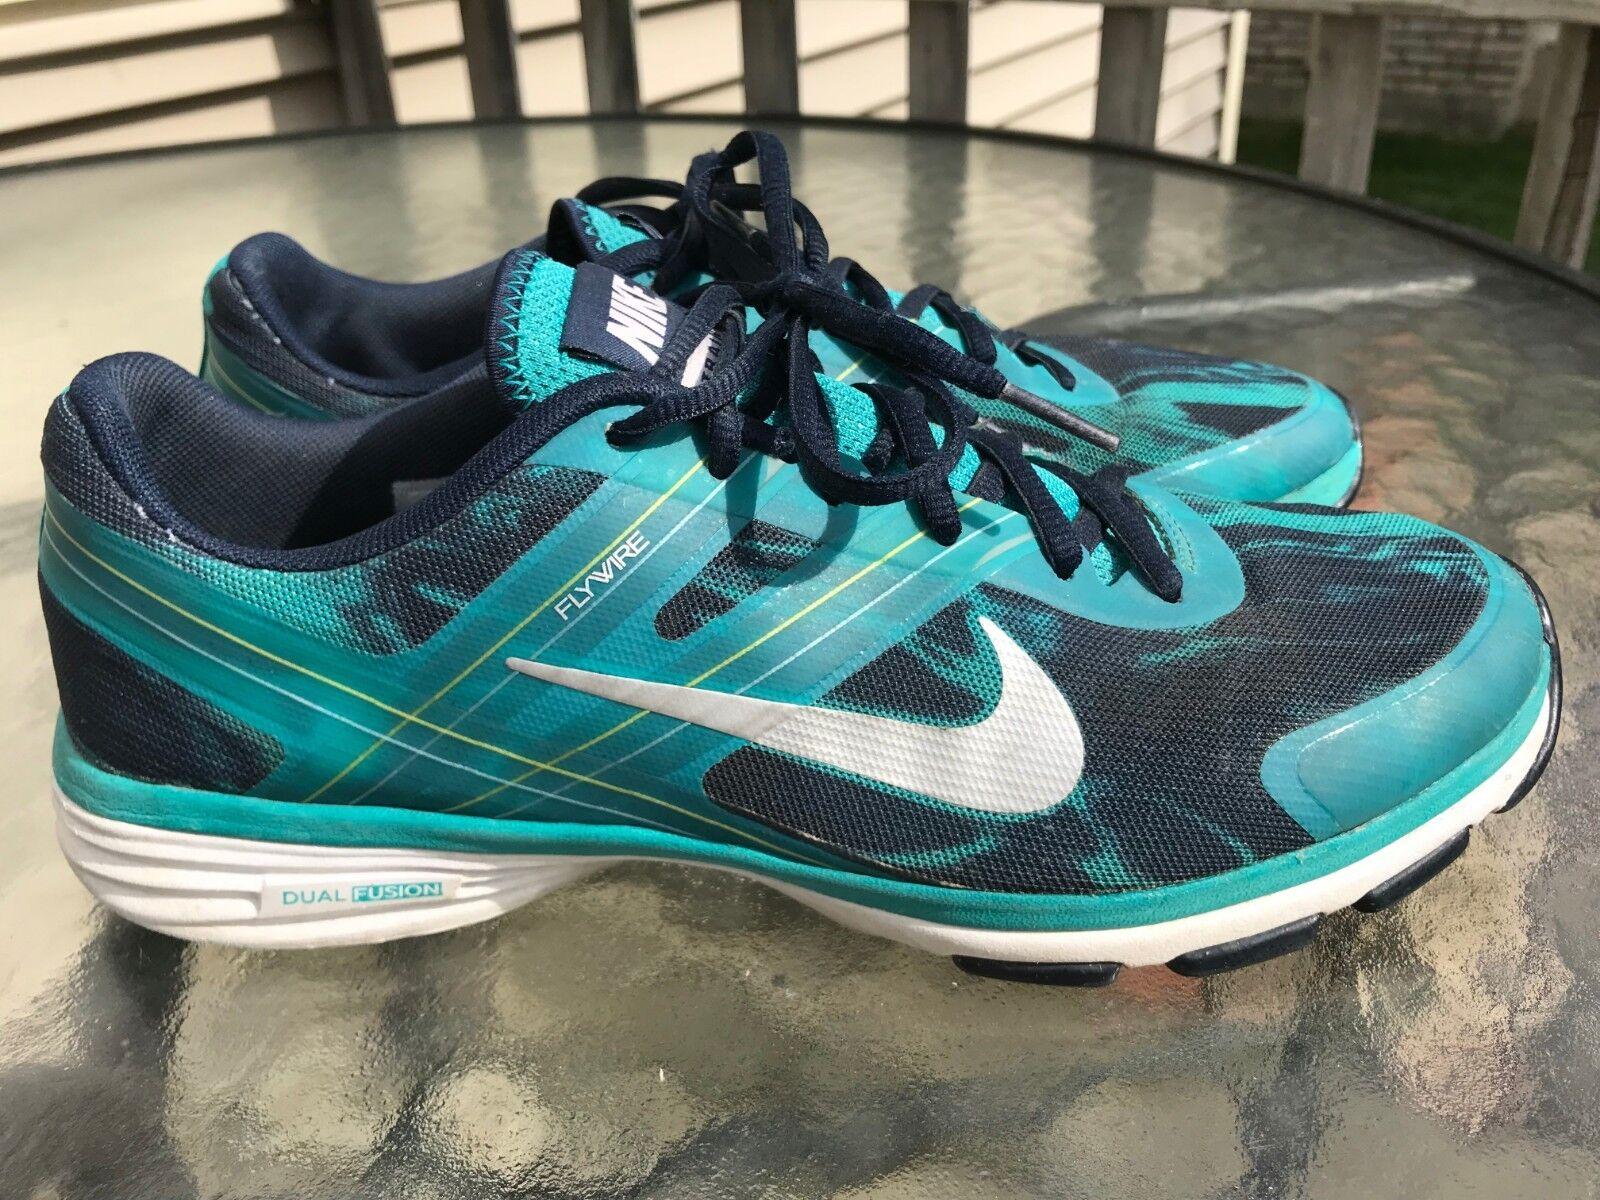 nike doppia fusione tr 2 scarpe da da da donna impronta turbo grigio - verde di ossidiana 631661-300 | Forte valore  | Raccomandazione popolare  | Maschio/Ragazze Scarpa  d6a379